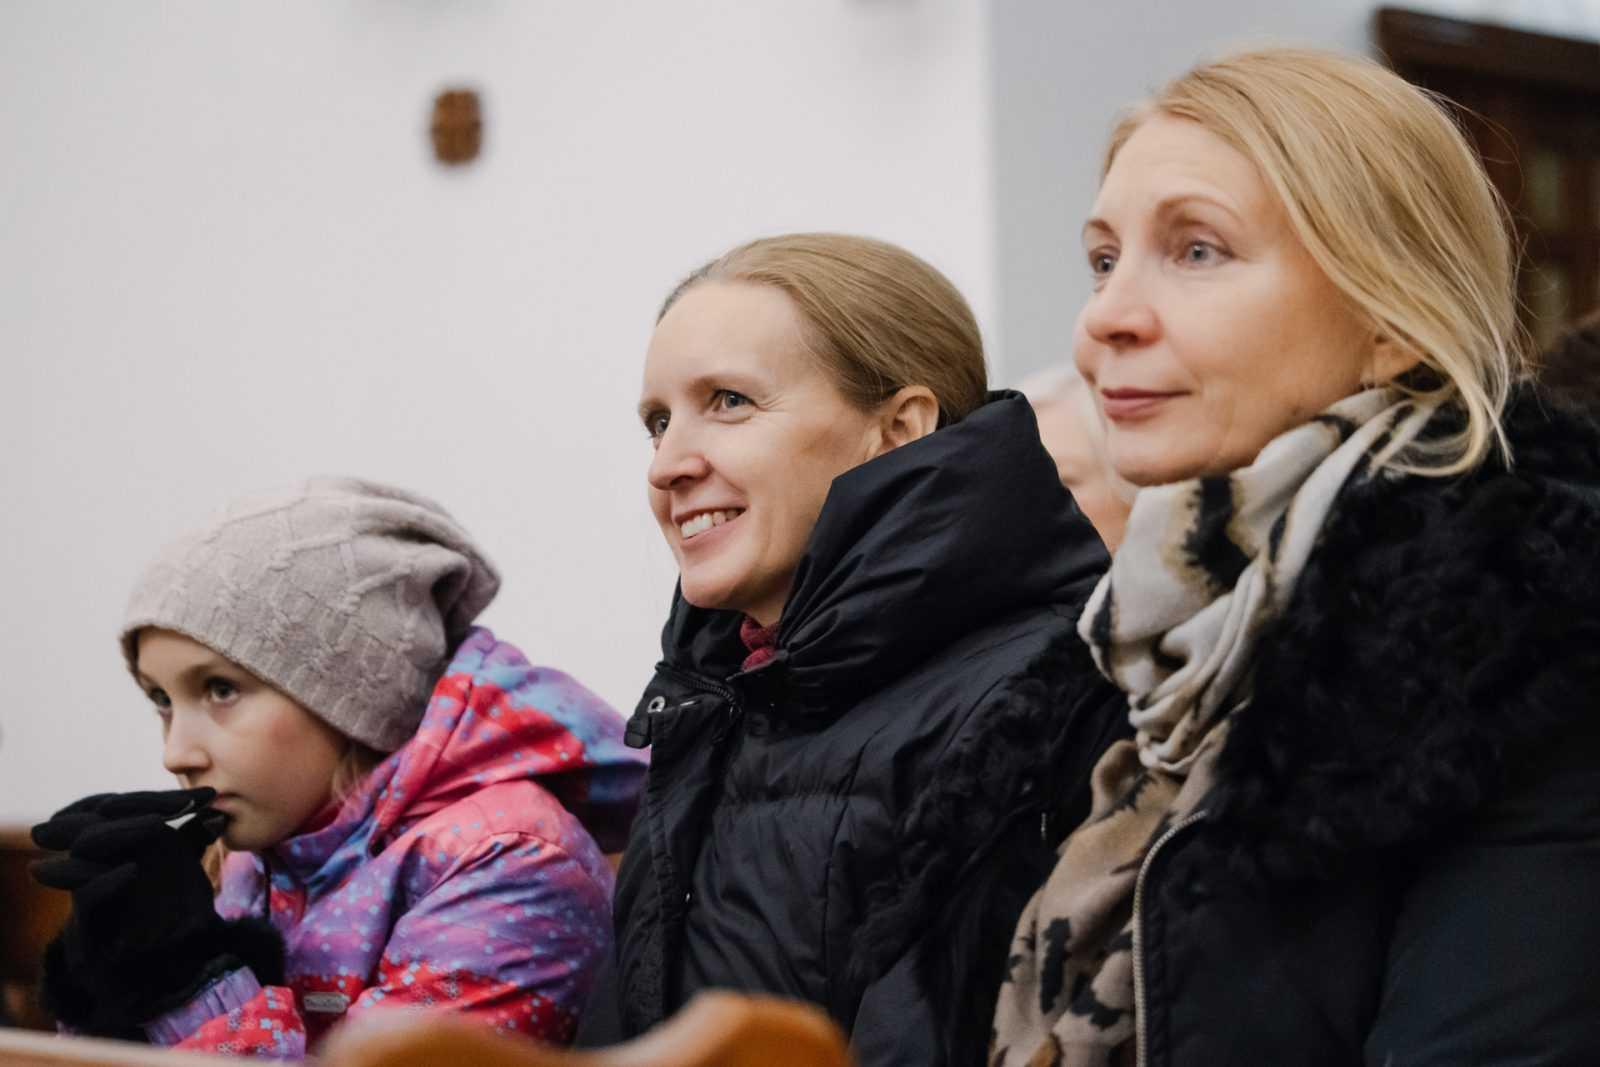 Музыка в храме КОНЦЕРТ «МАСТЕРА БАРОККО» 26.10.2019 39